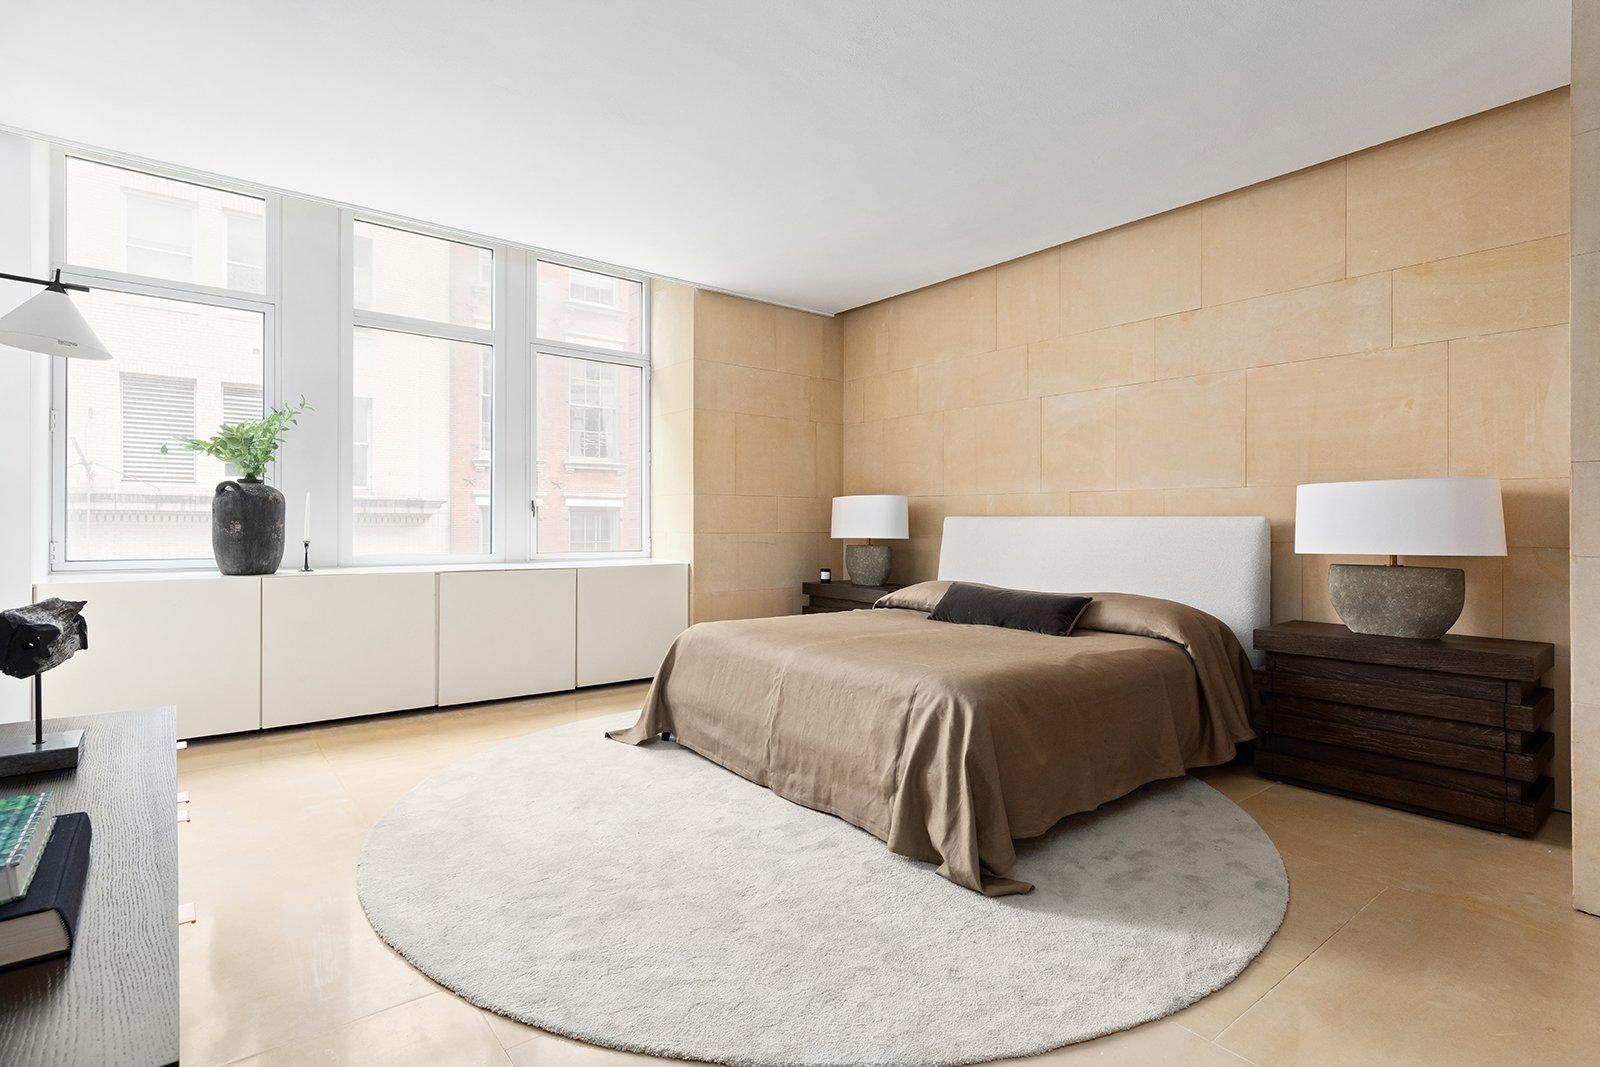 Kanye West and Kim Kardashian's SoHo Apartment bedroom